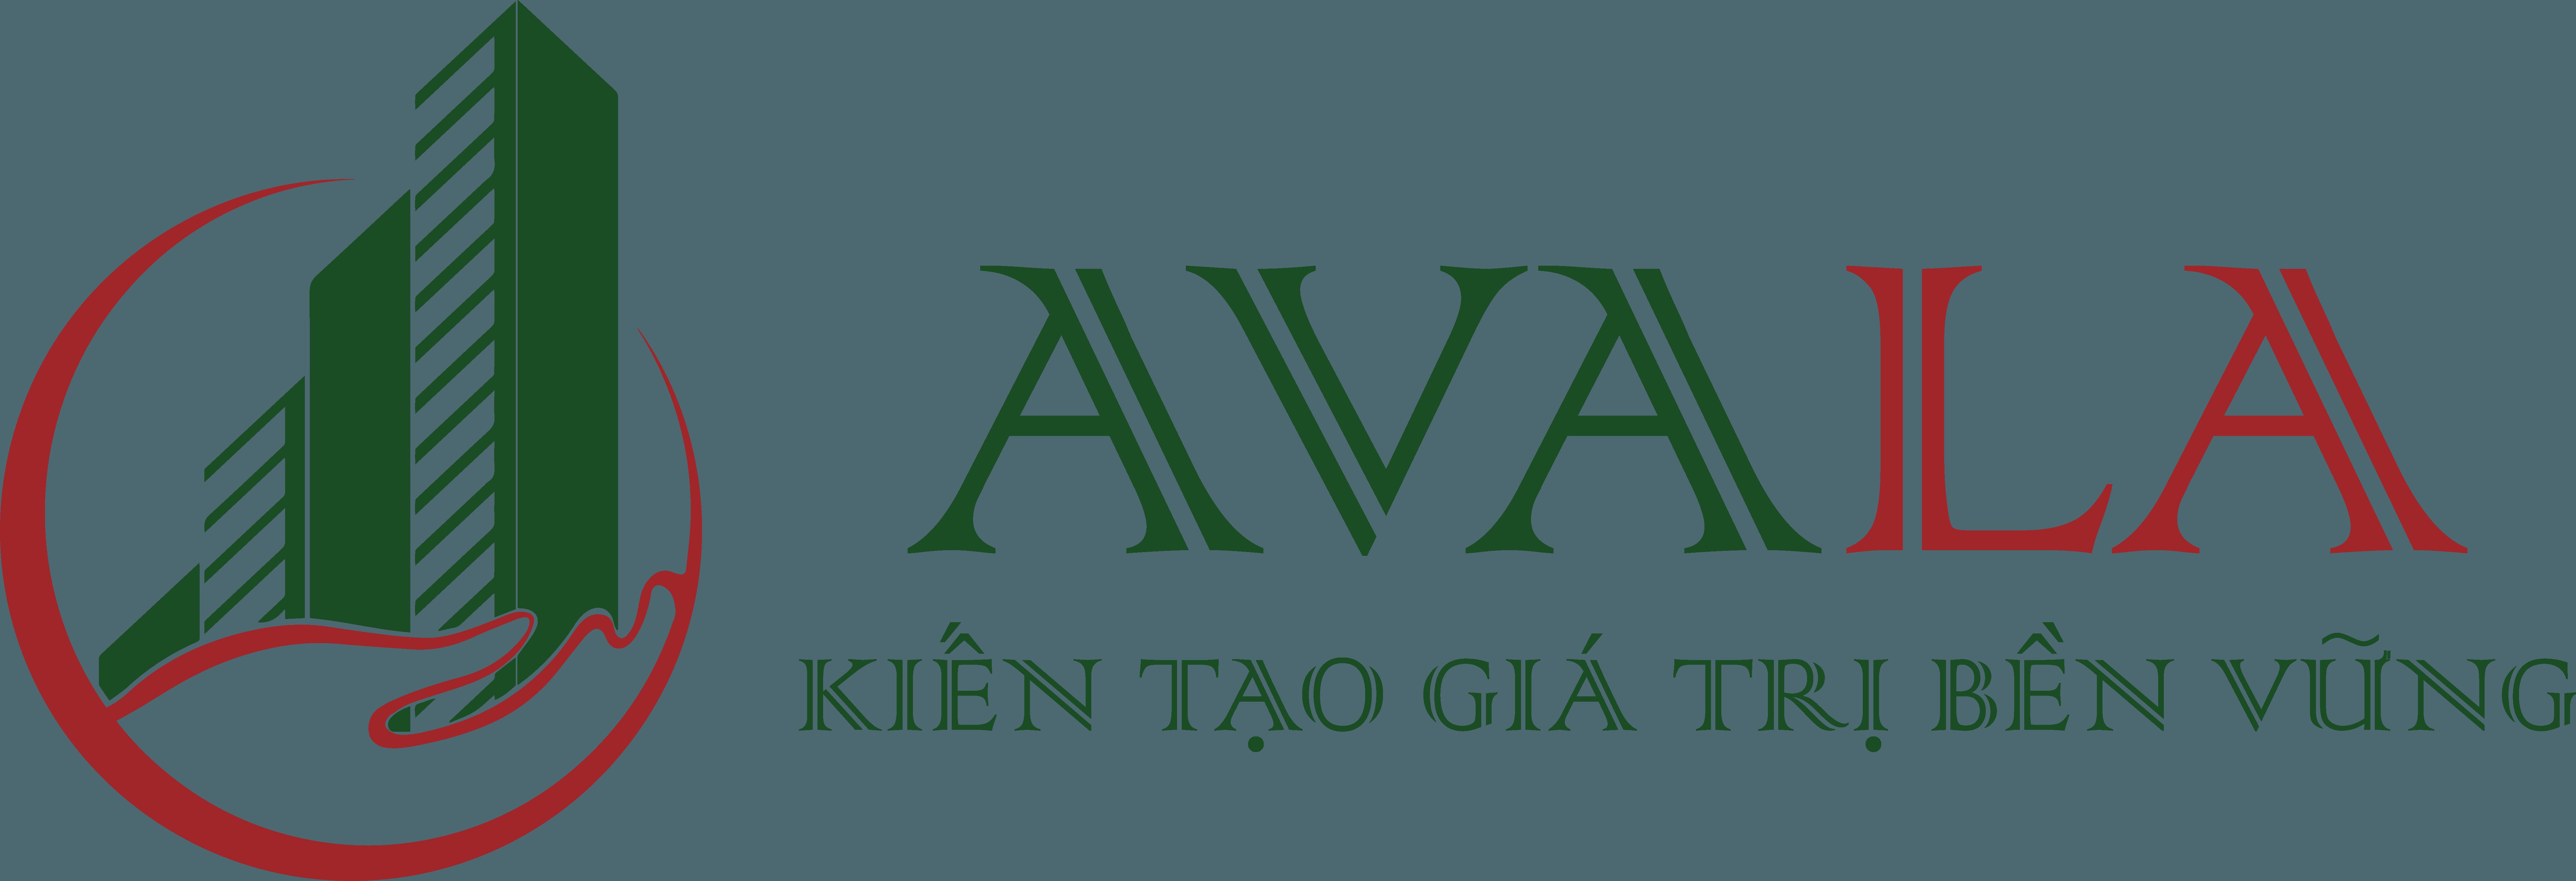 Công Ty Bất Động Sản Avala